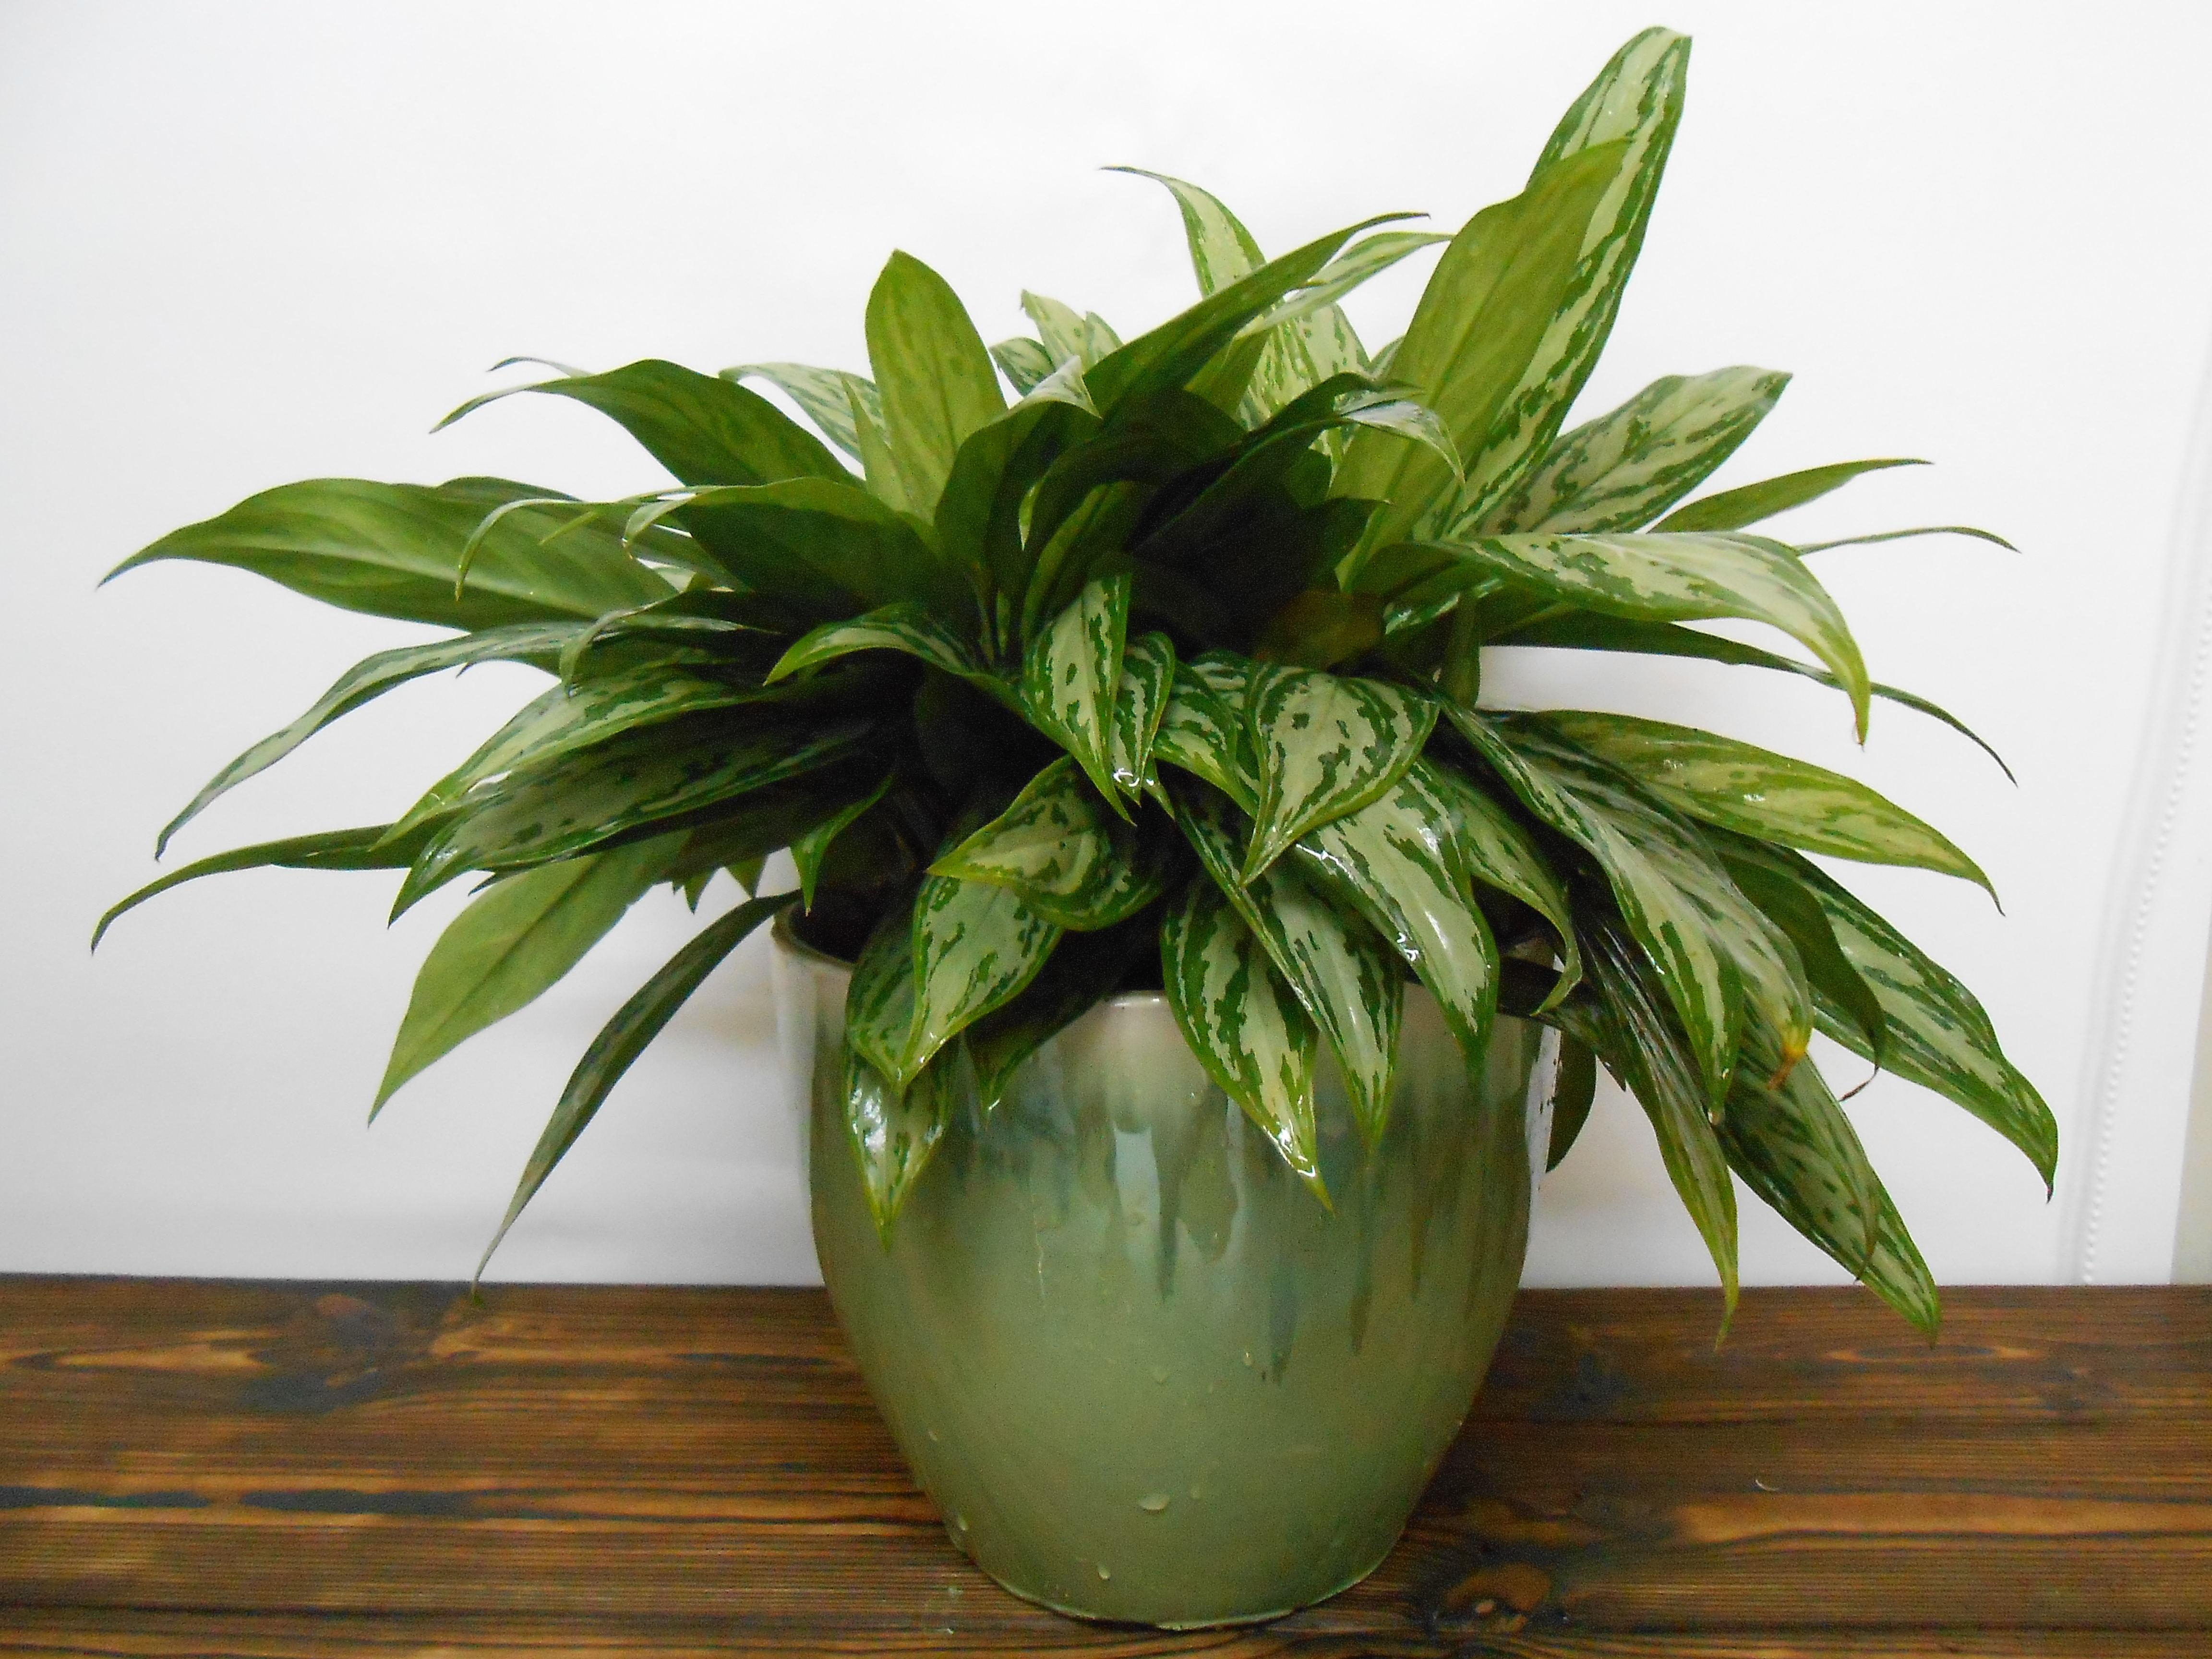 室内摆放什么植物好:装修污染气体选银皇后